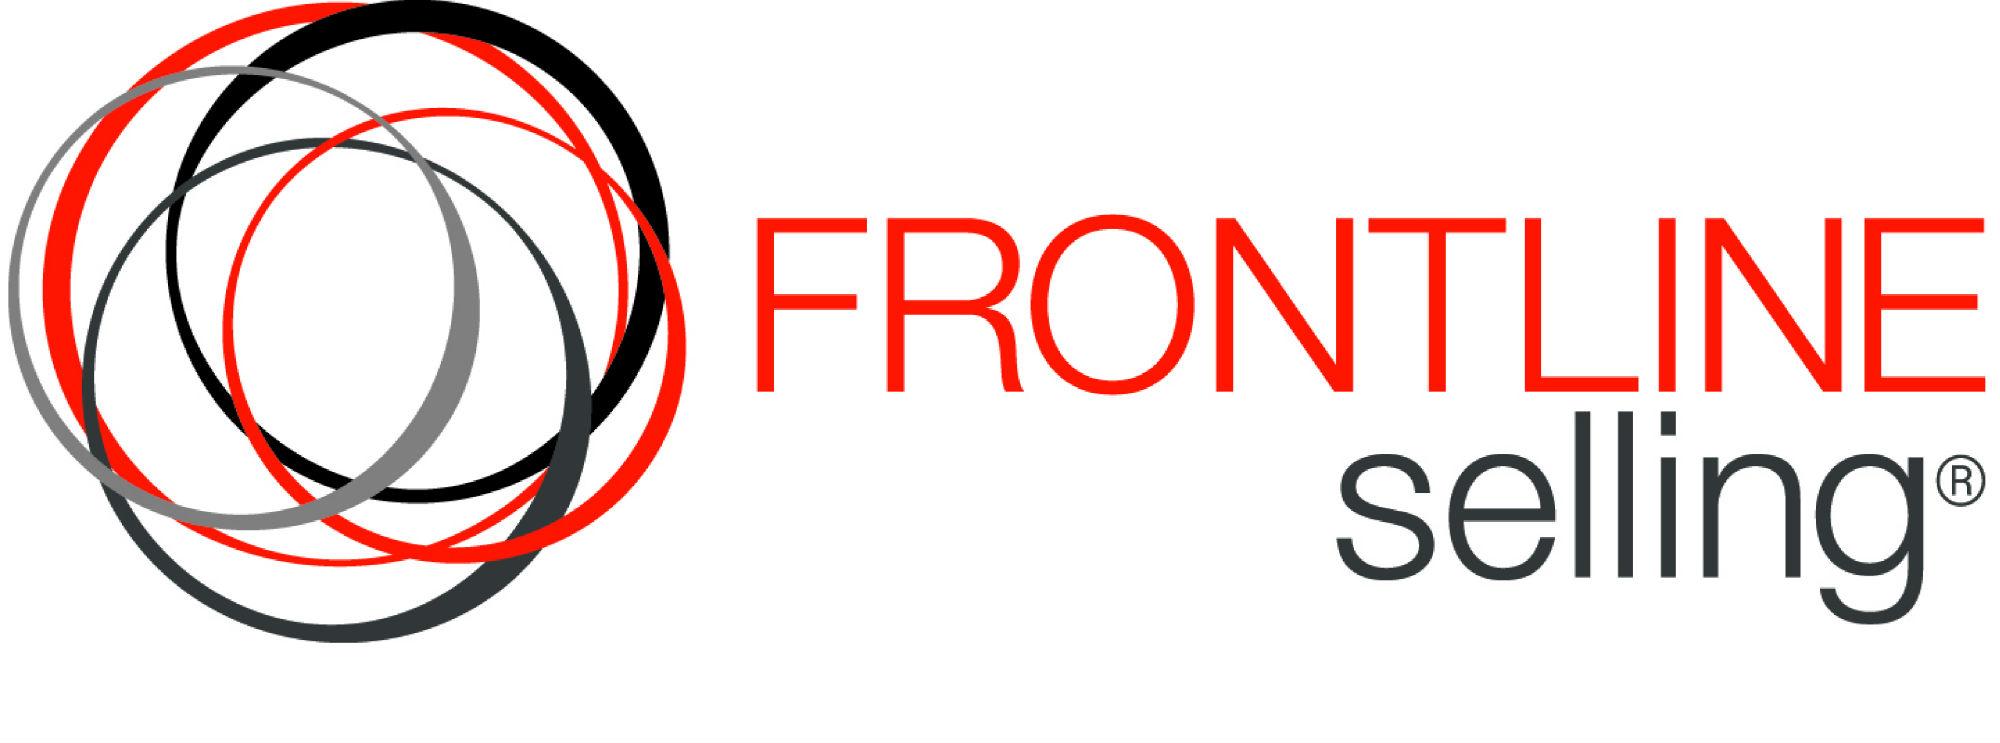 FRONTLINE Selling Acquires Social Selling Pioneer PeopleLinx